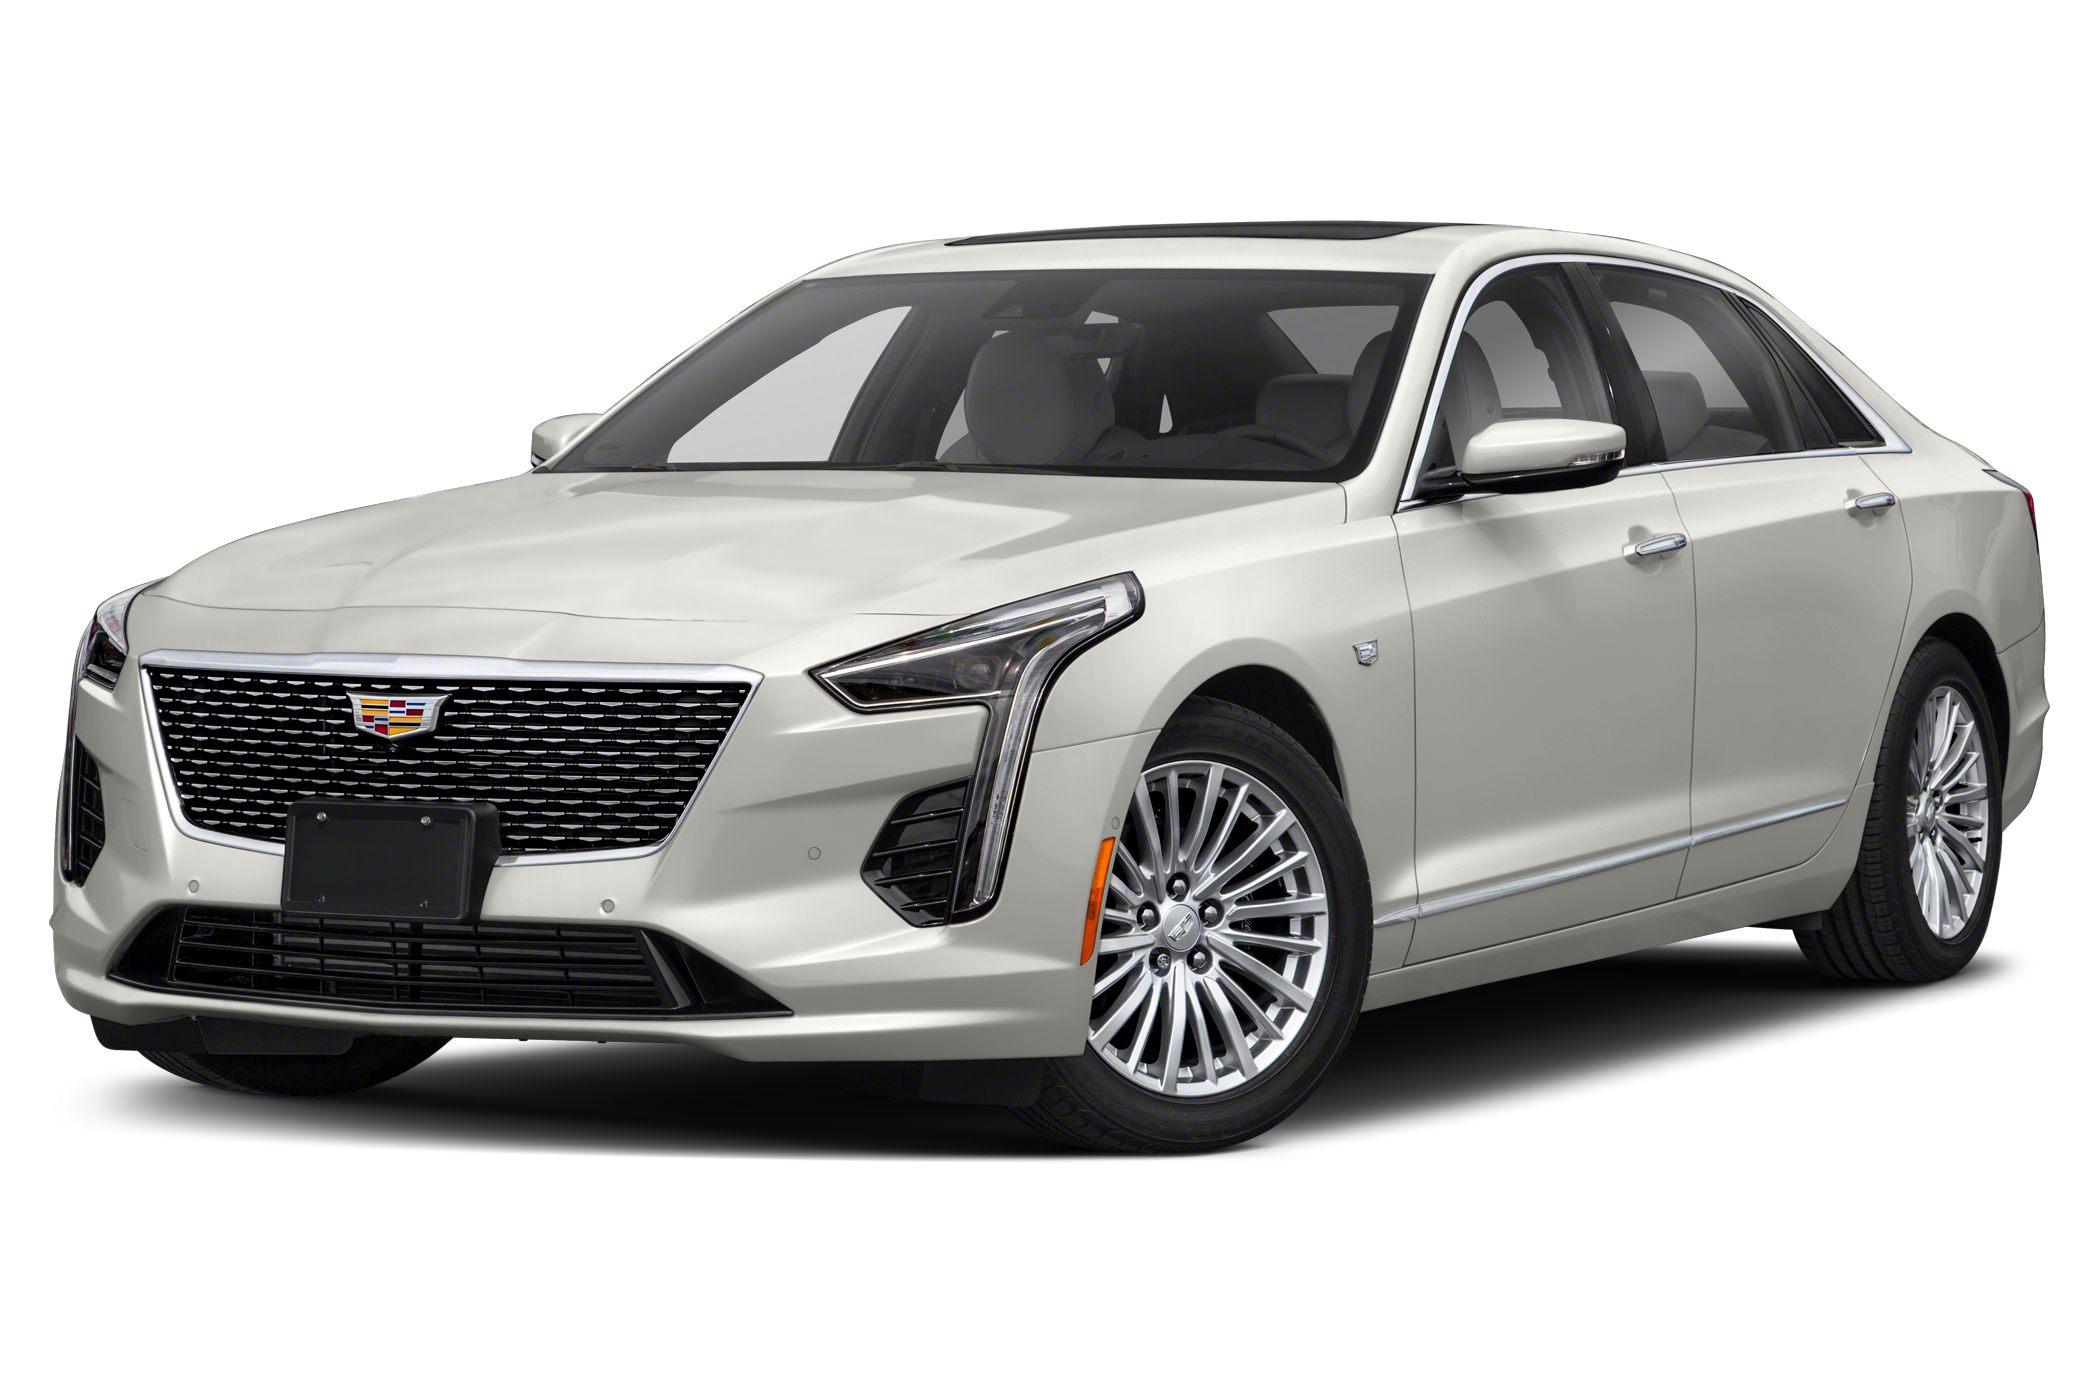 2020 Cadillac CT6 4.2L Twin Turbo Platinum 4dr All-wheel Drive Sedan